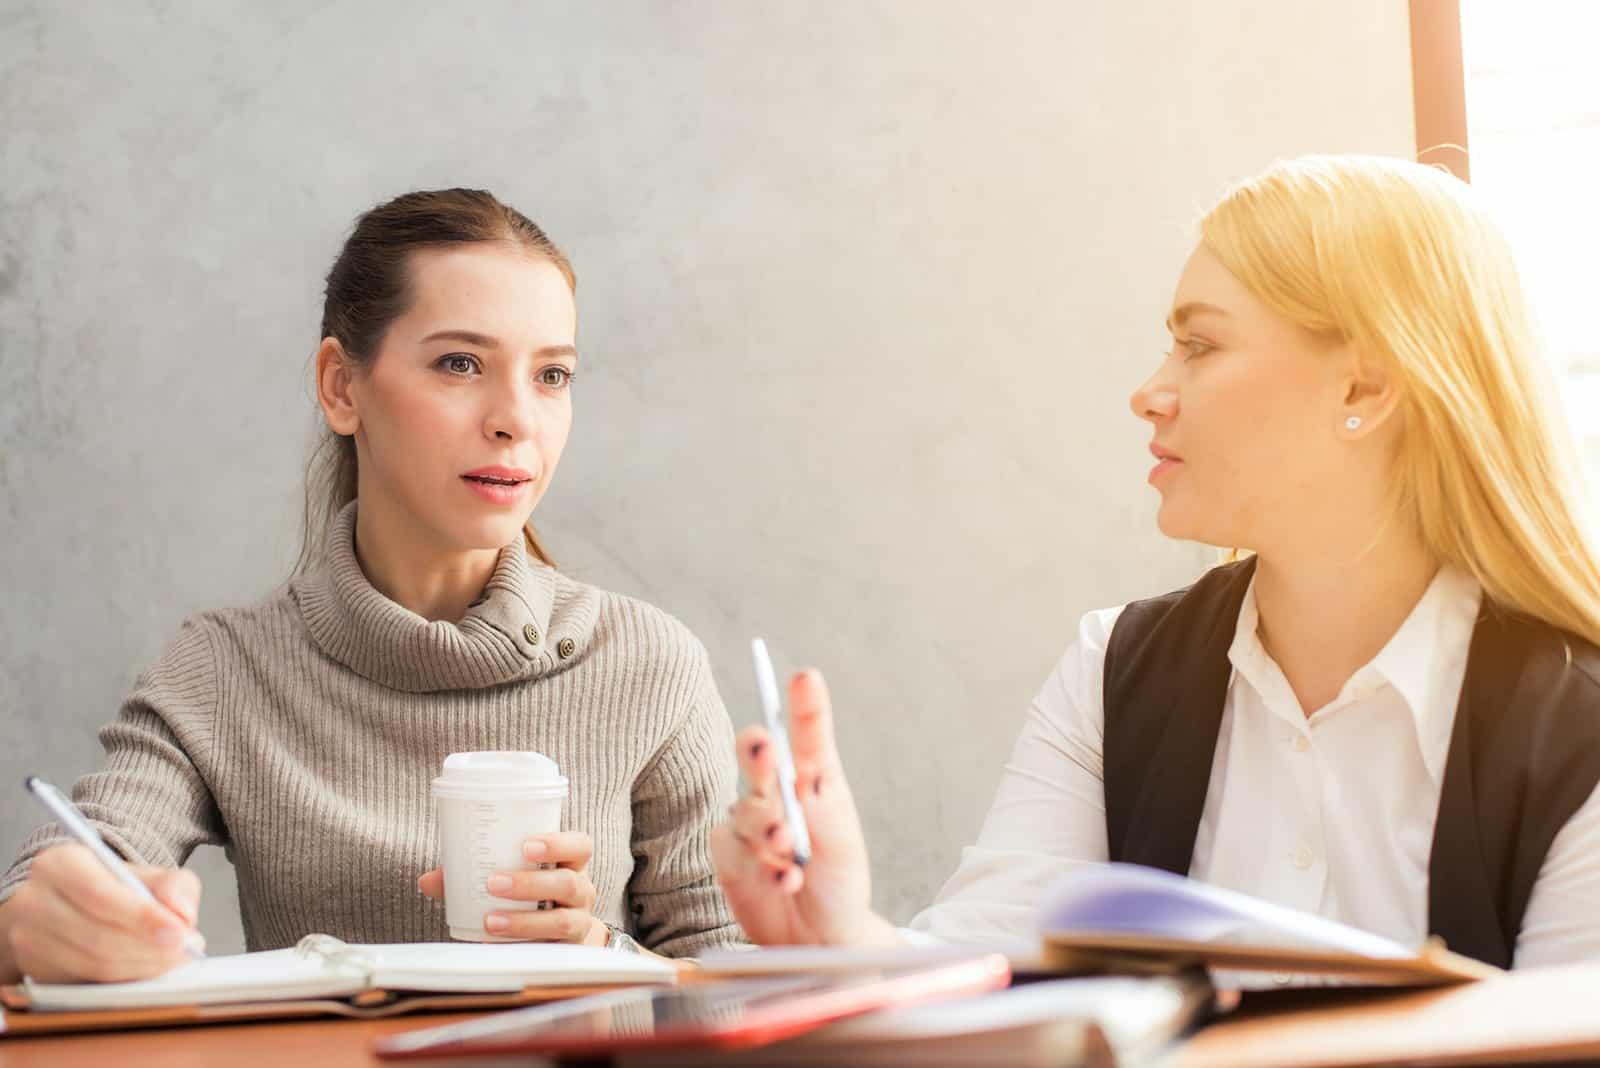 Une femme pensive assise avec sa collègue tout en travaillant ensemble